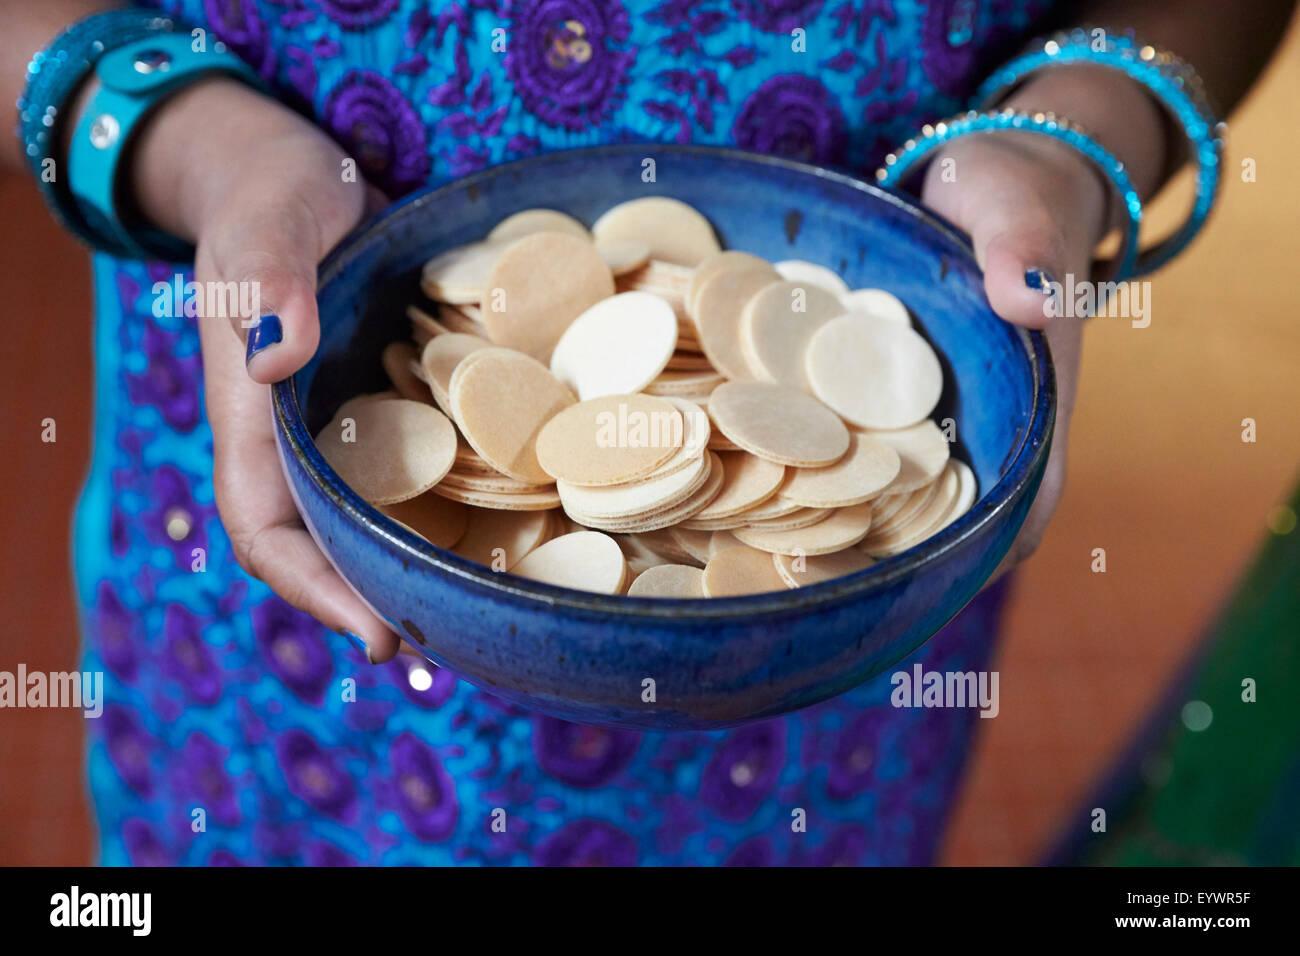 Host wafers, Tamil Catholic celebration in Antony, France, Europe - Stock Image